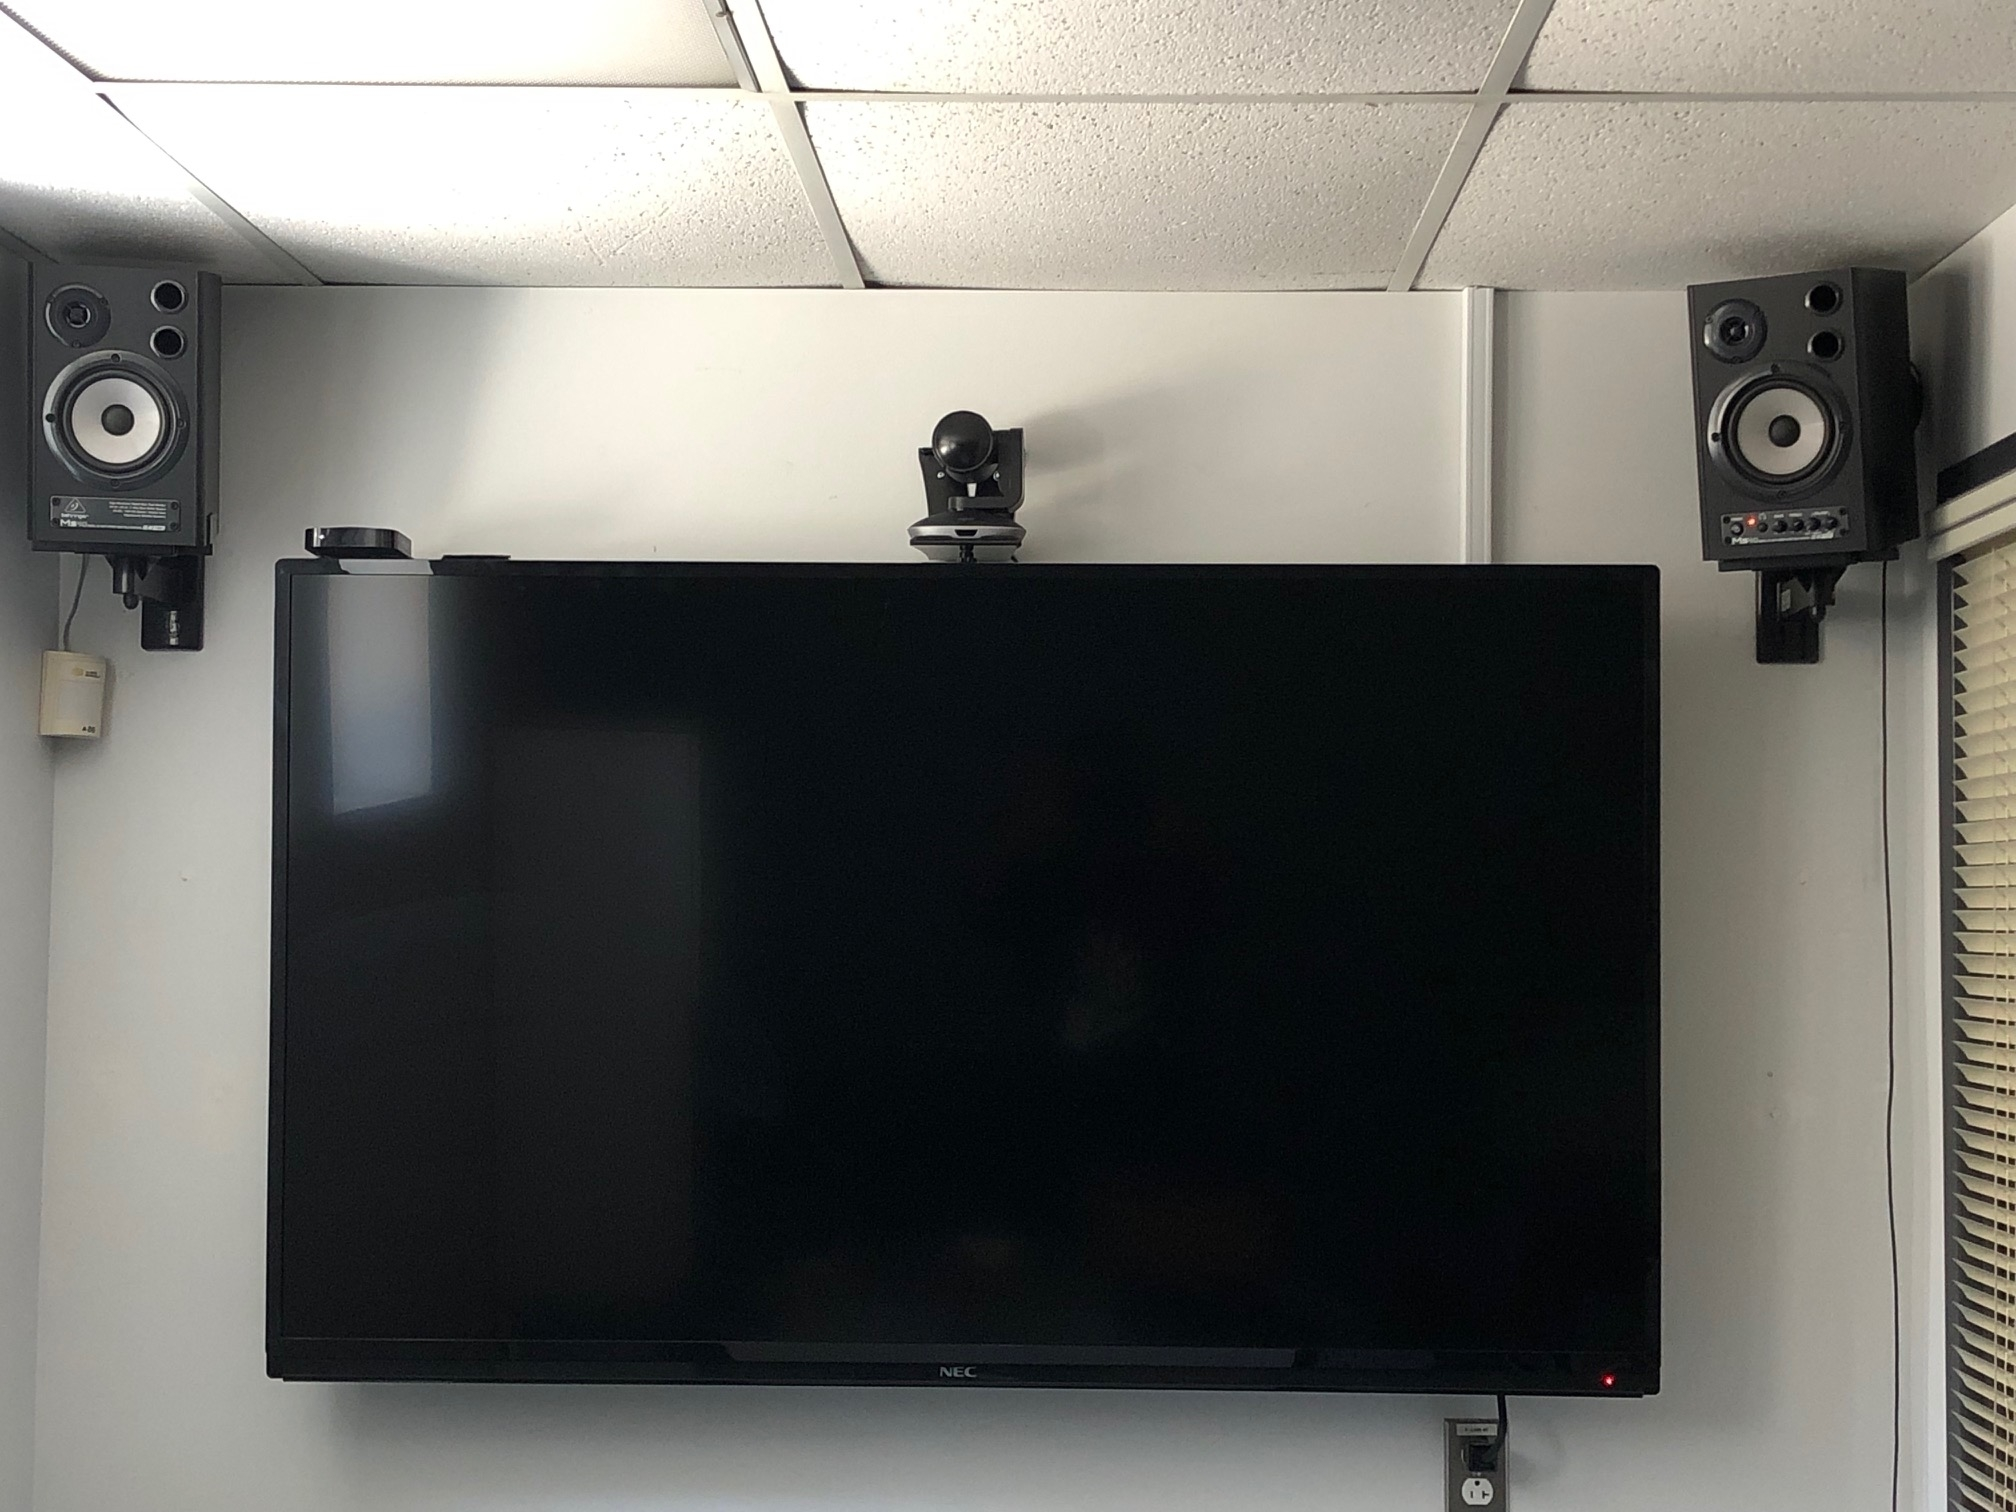 E-lite inc à Montréal: Installation d'écrans avec mini-ordinateur et caméra pour vidéo conférence dans plusieurs bureaux au Collège Stanislas. Autres écrans aussi dans les salles communes avec signage et protection acrylique sur mesure.